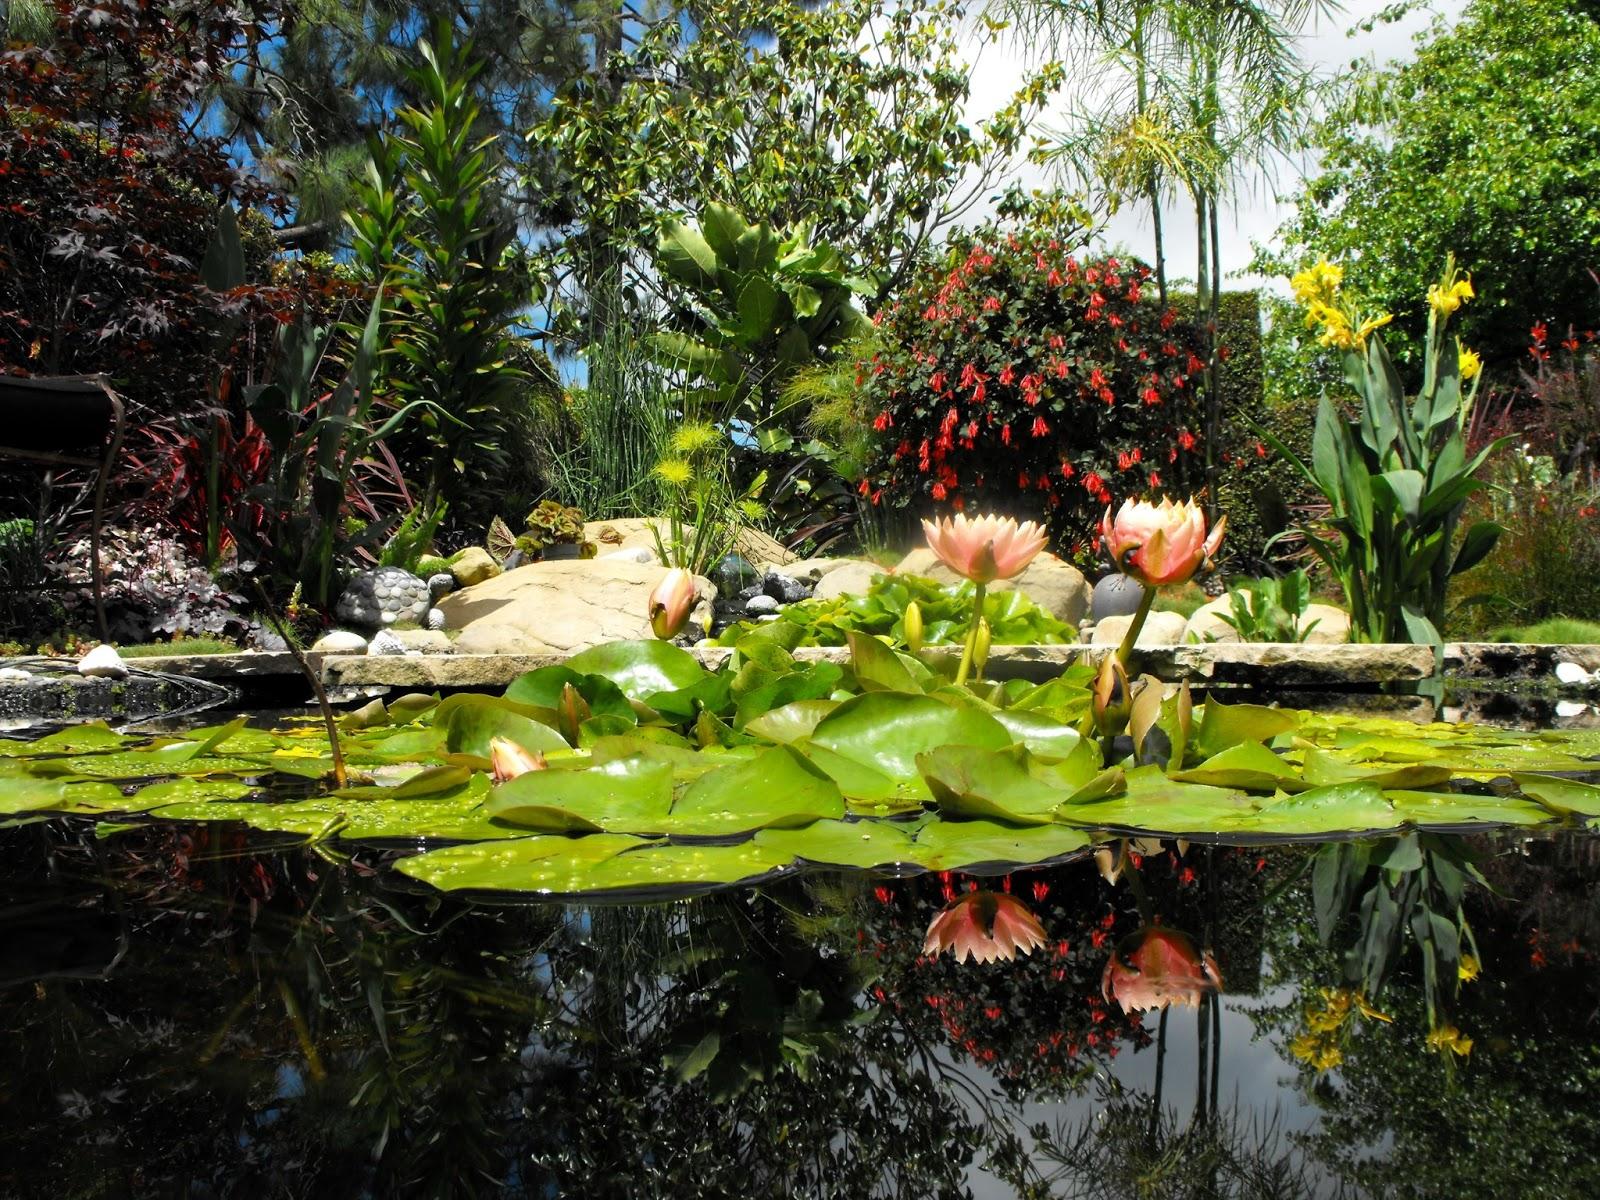 Arte y jardiner a jardin acu tico for Jardines y estanques